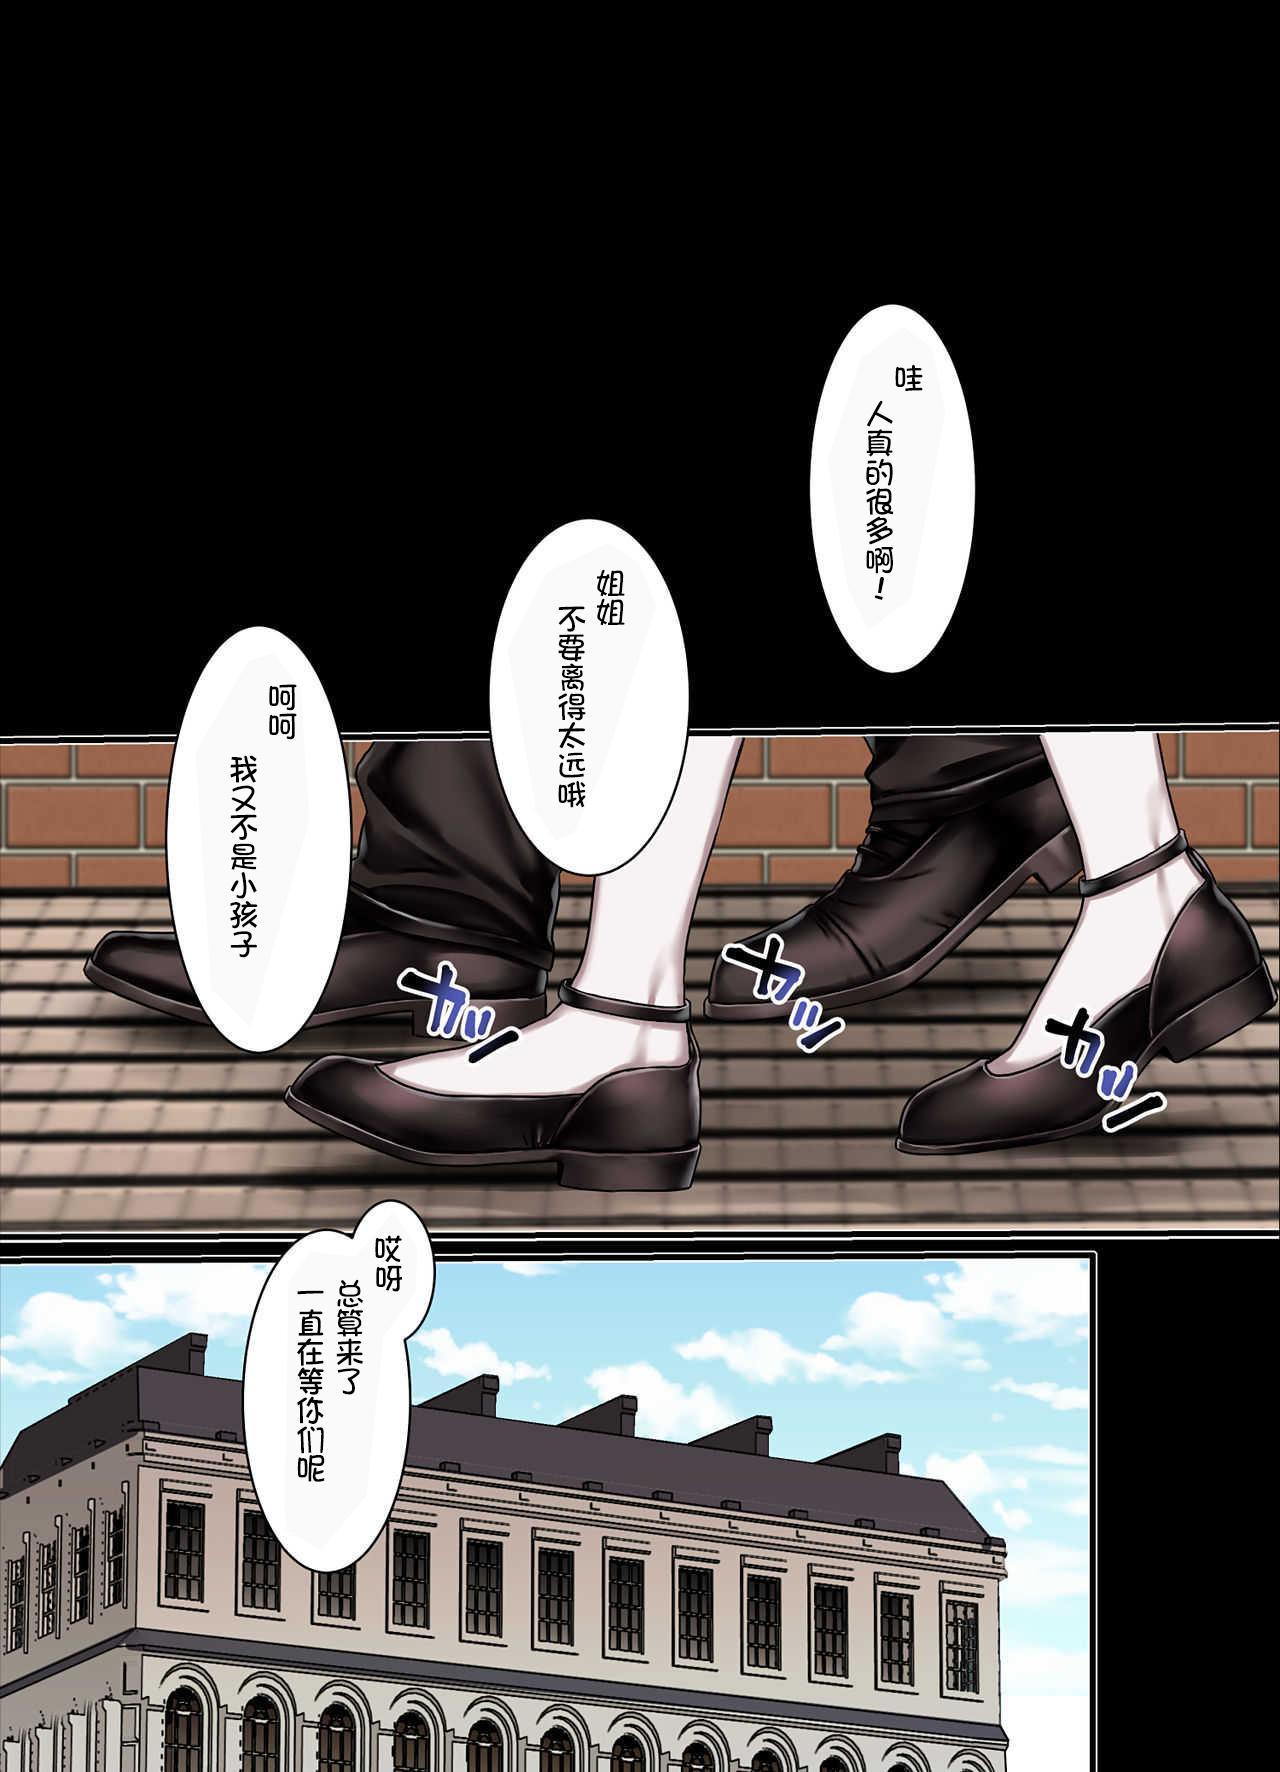 L Kyoukai to Itansha Ikka + 82